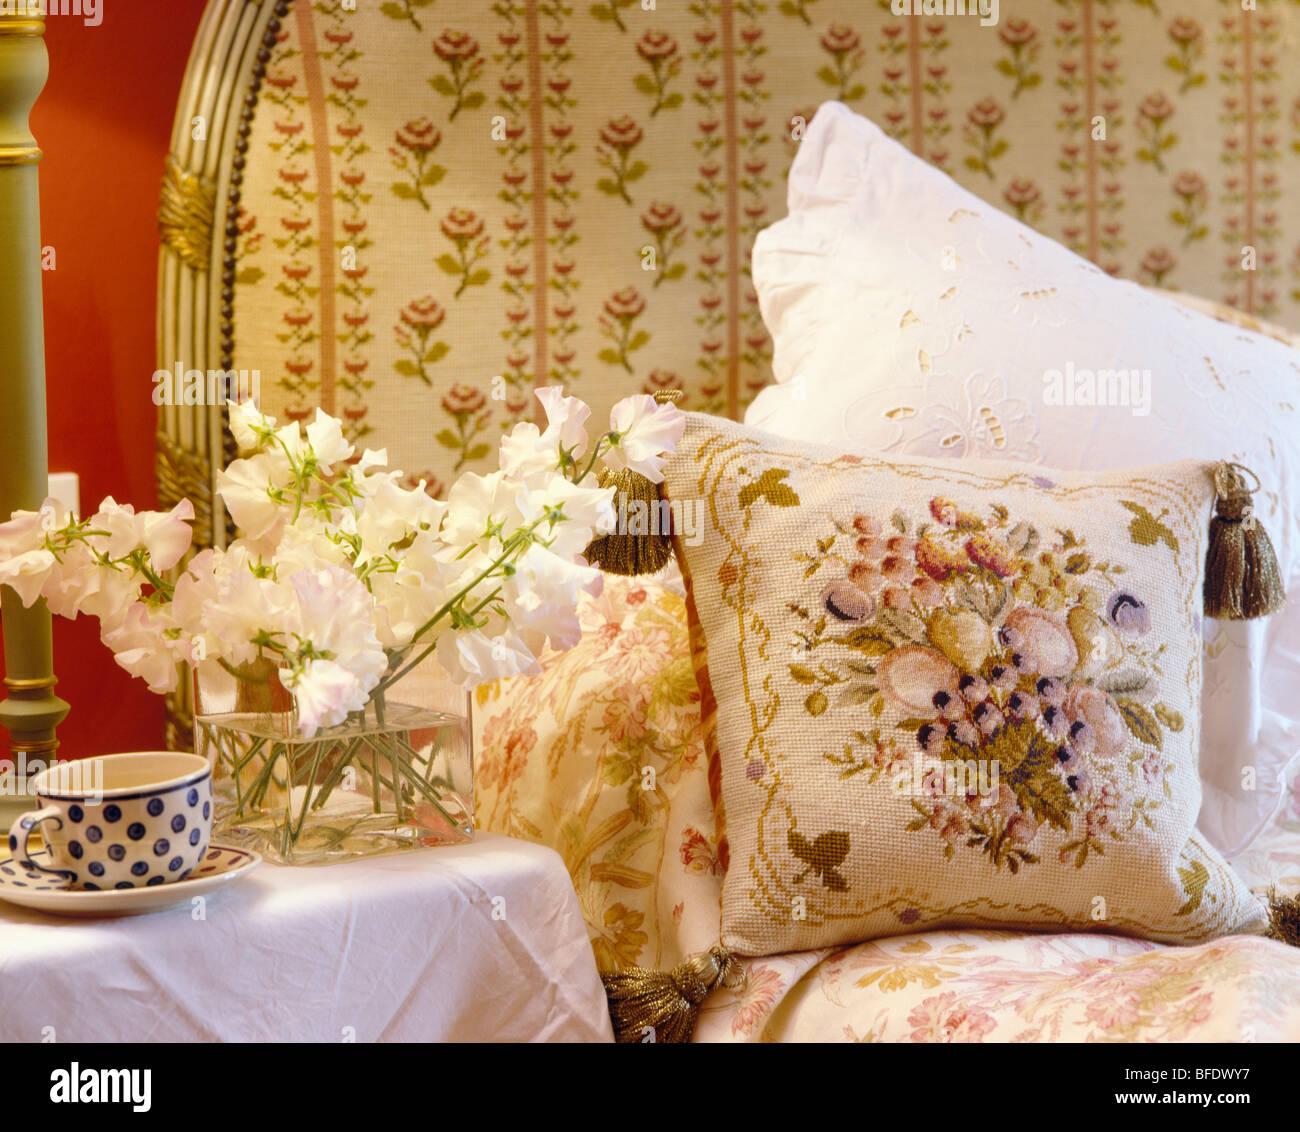 Nahaufnahme Von Zuckererbsen Auf Tisch Neben Bett Mit Gobelin Kissen Und  Weißen Kissen Gegen Gepolsterte Floral Kopfteil